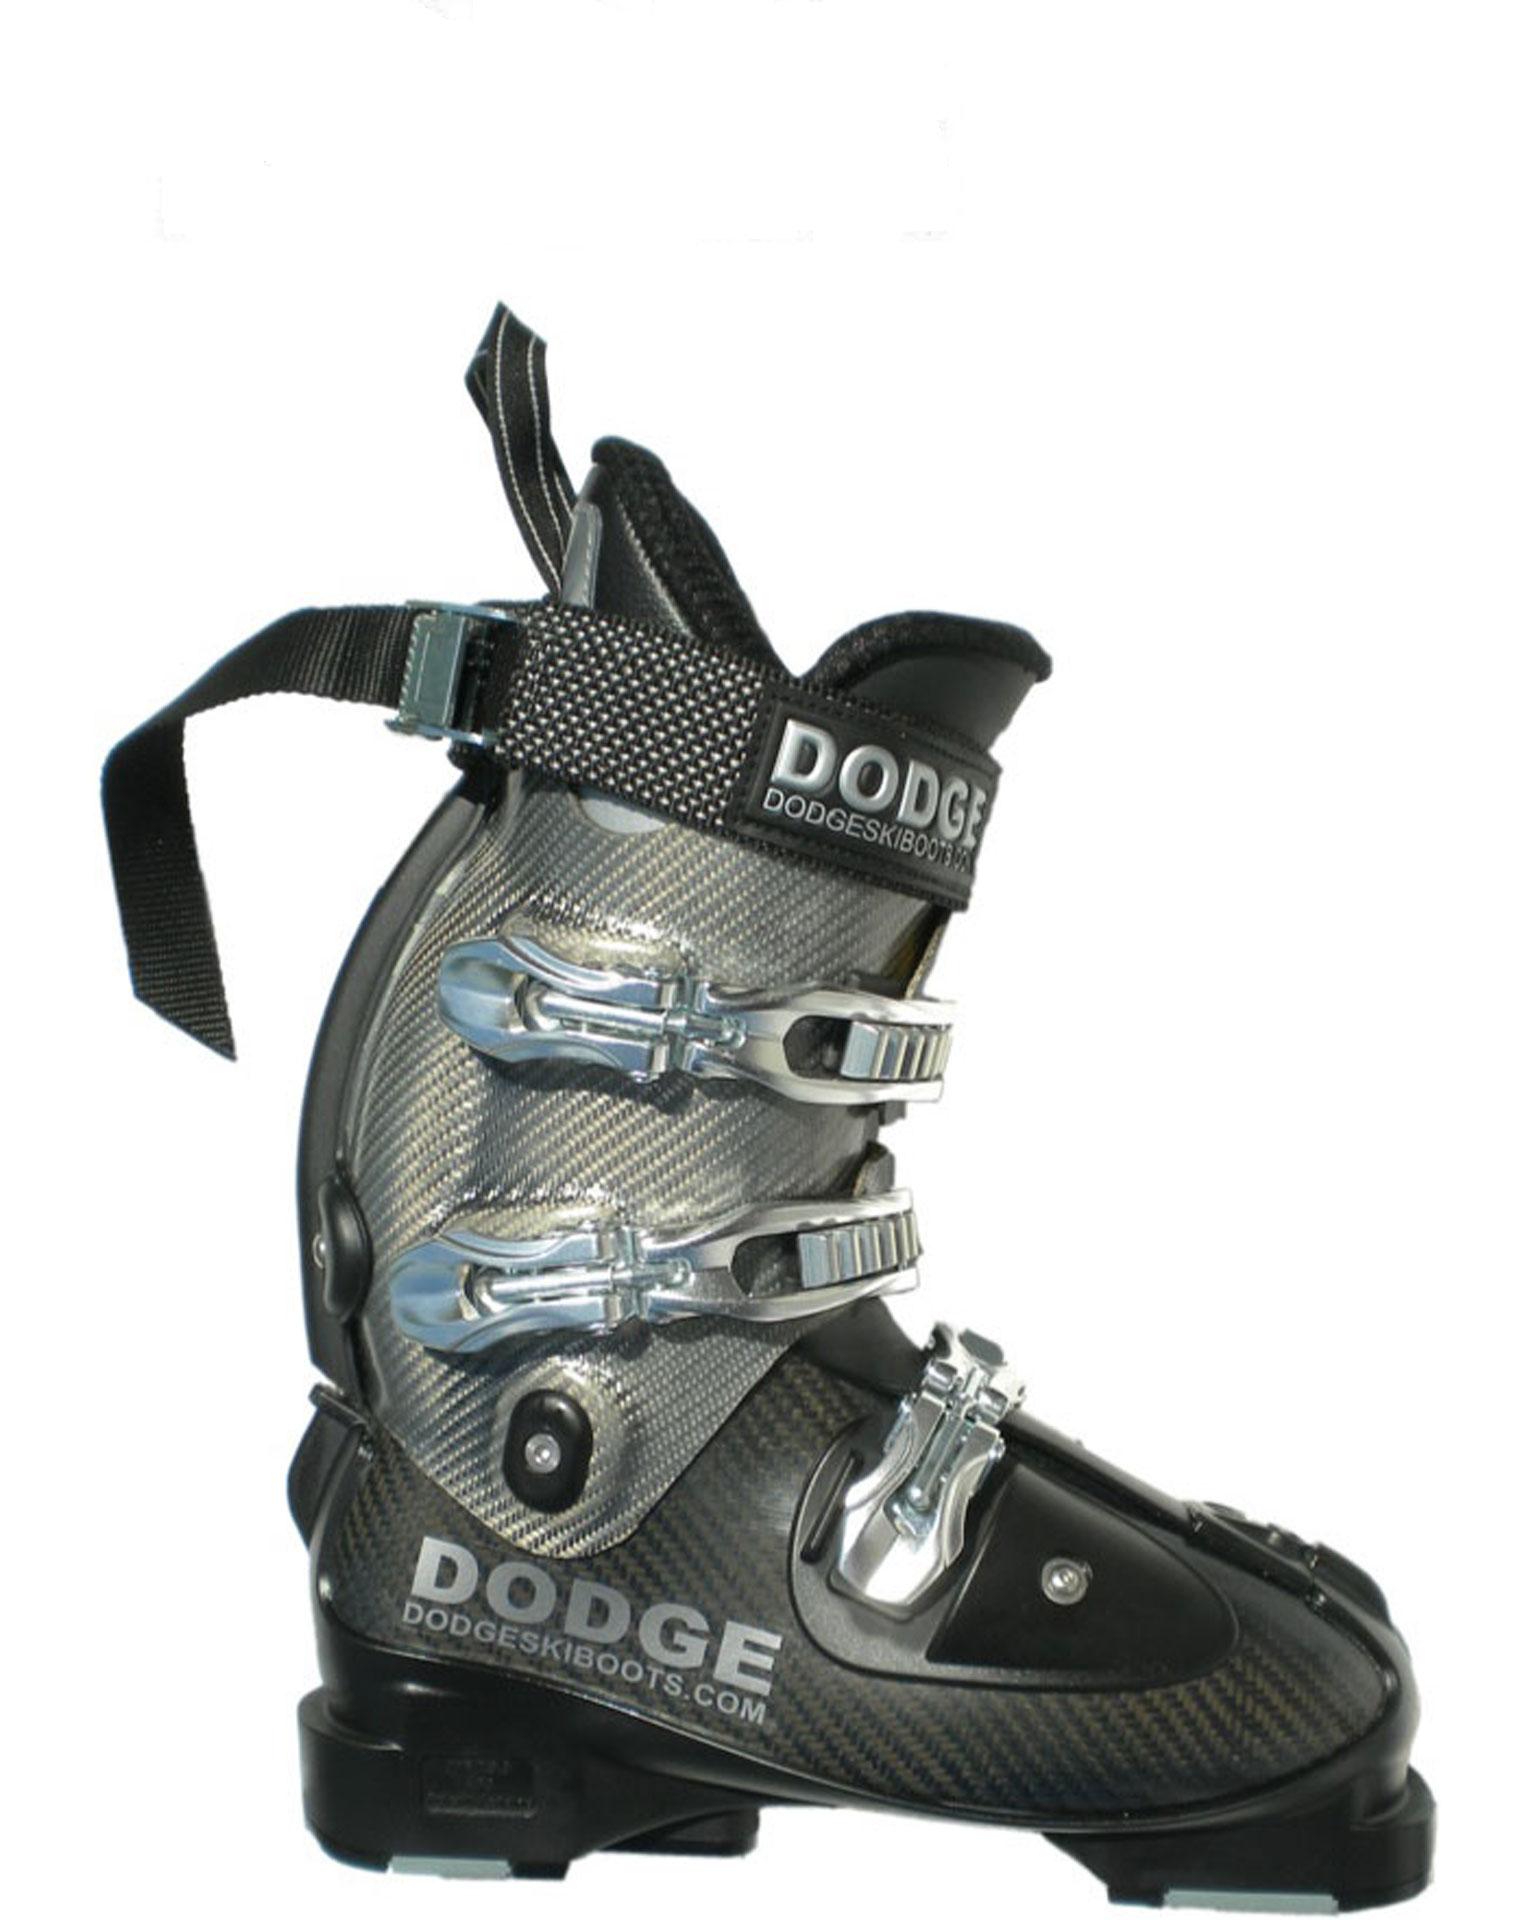 Dodge Ski Boots -- Vermont